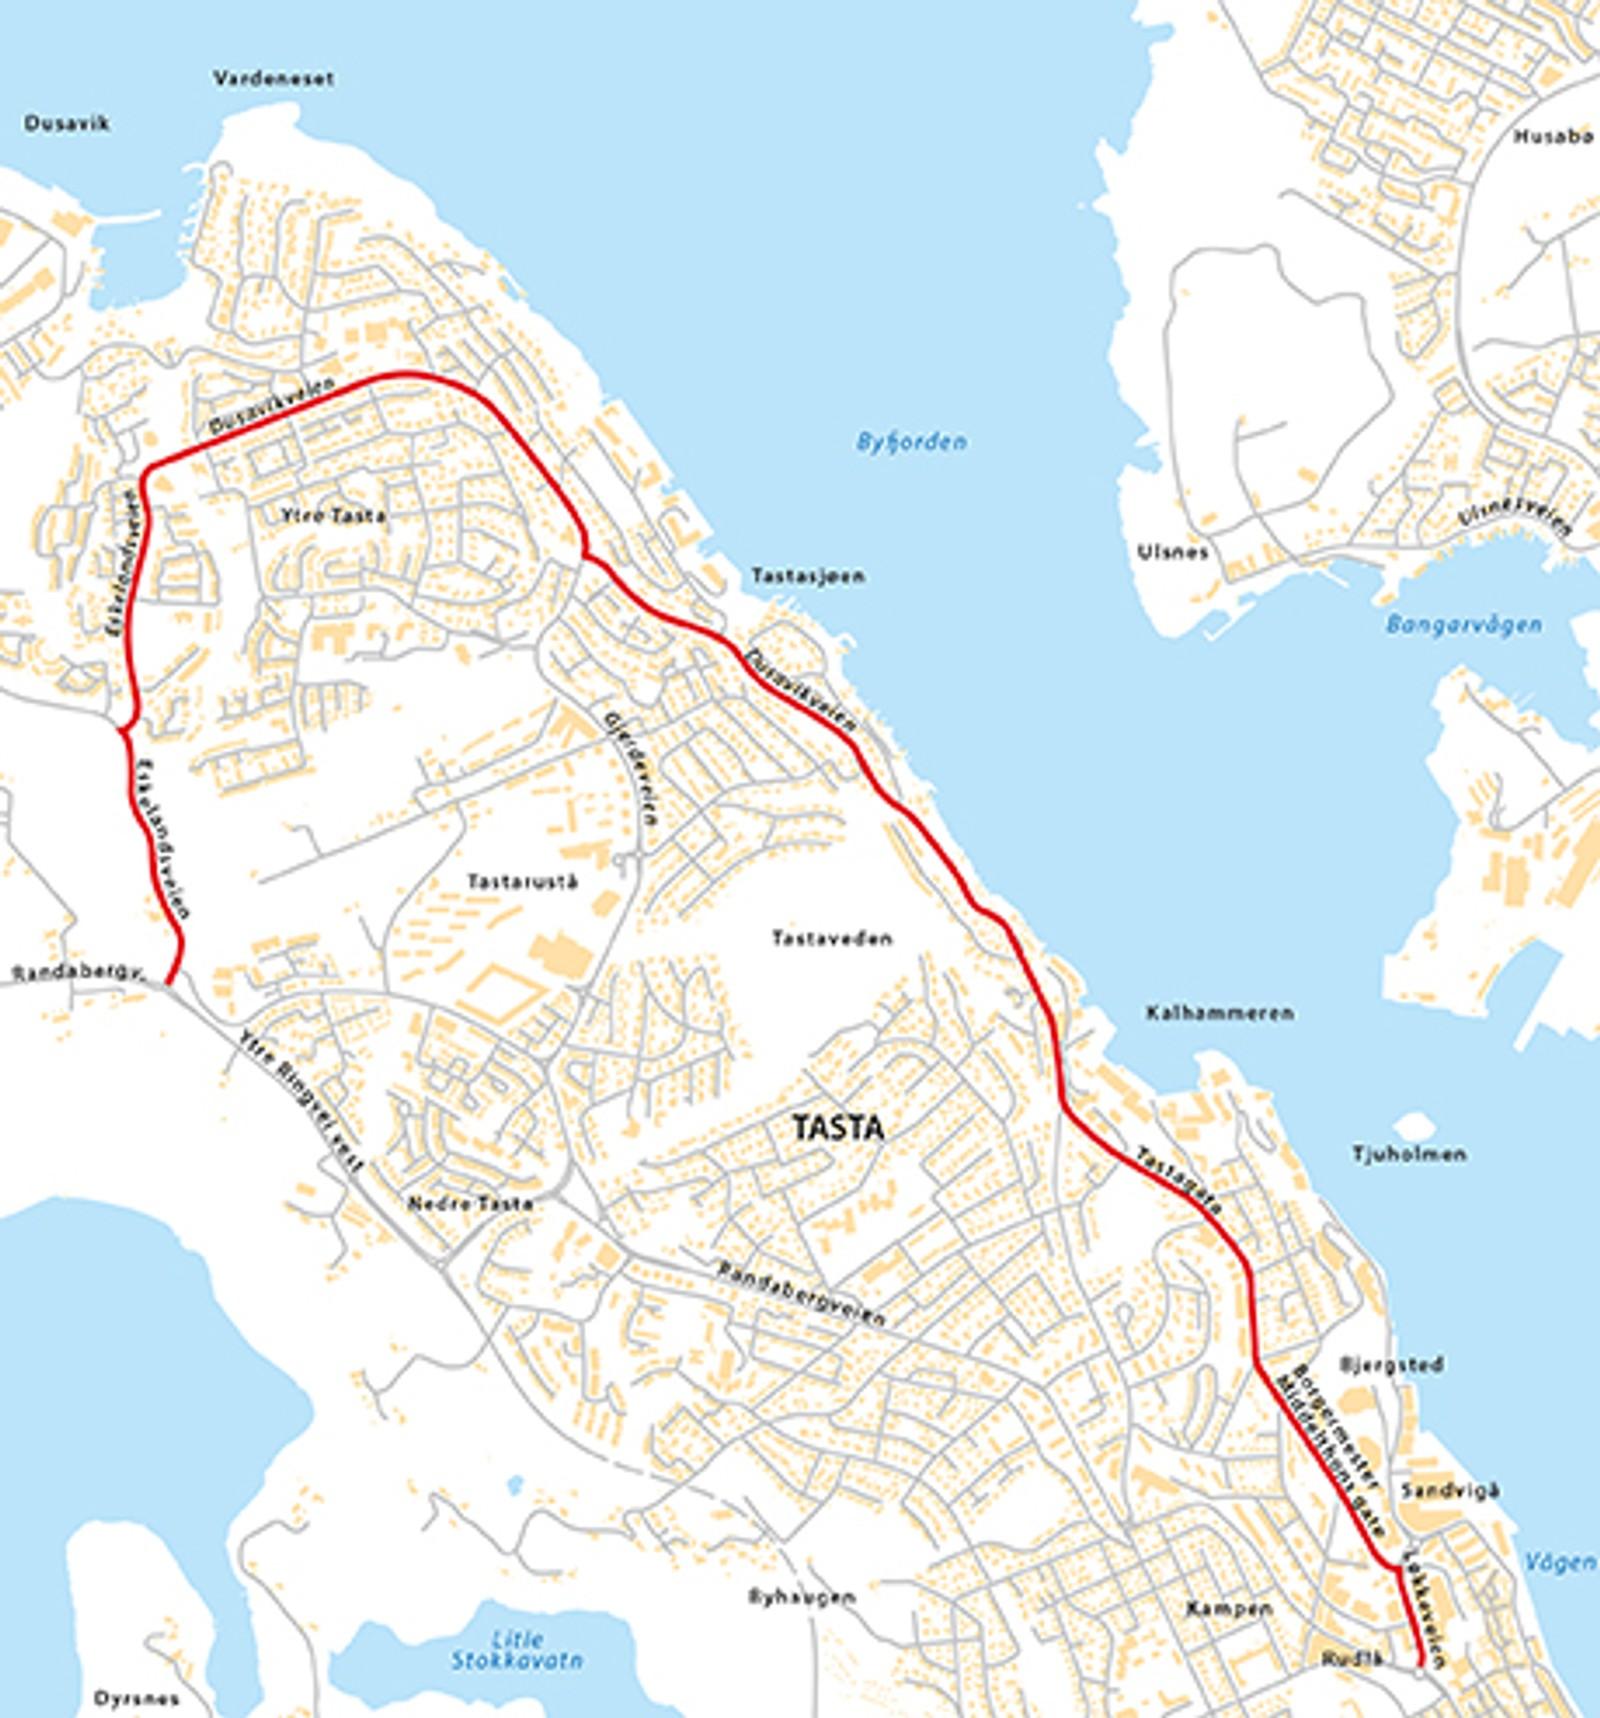 Løkkeveien, Borgermester Middelthons gate, Tastagata, Dusavikveien, Eskelandsveien (Fv411), natt til tirsdag 12. mai.